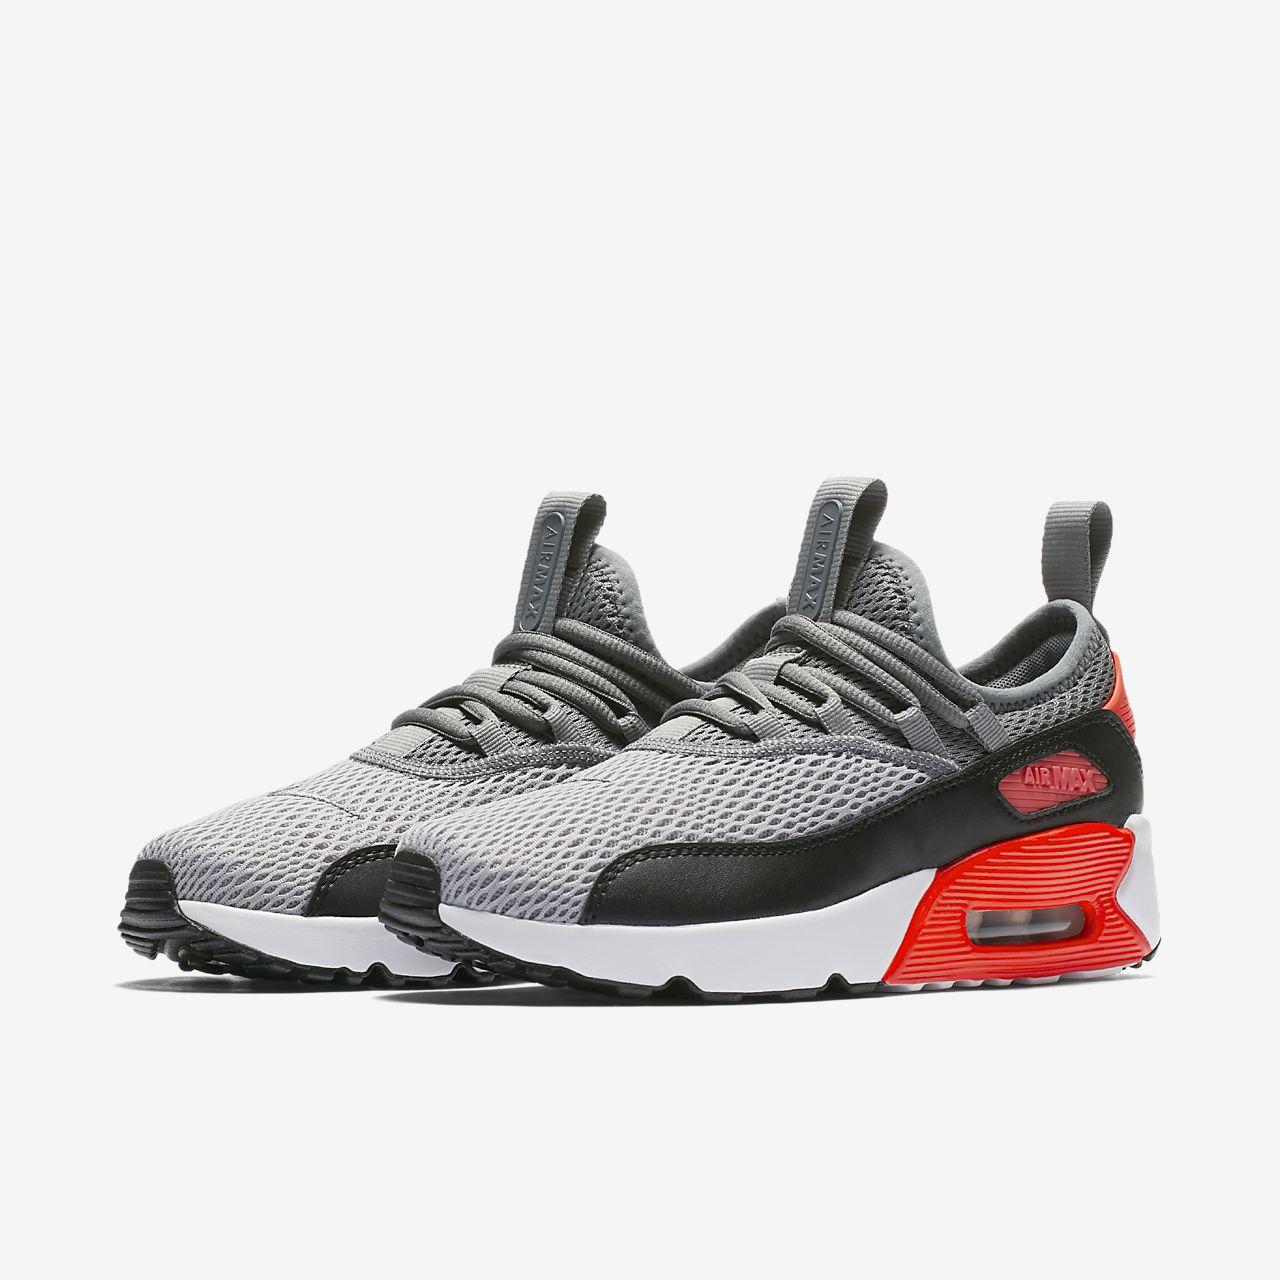 Comprar Barato Reciente Envío Gratis Auténtica Nike Air Max 90 EZ Black/ Black/ White Asequible Comprar Ofertas Baratas La Más Nueva Venta En Línea 7NNmodWFL3